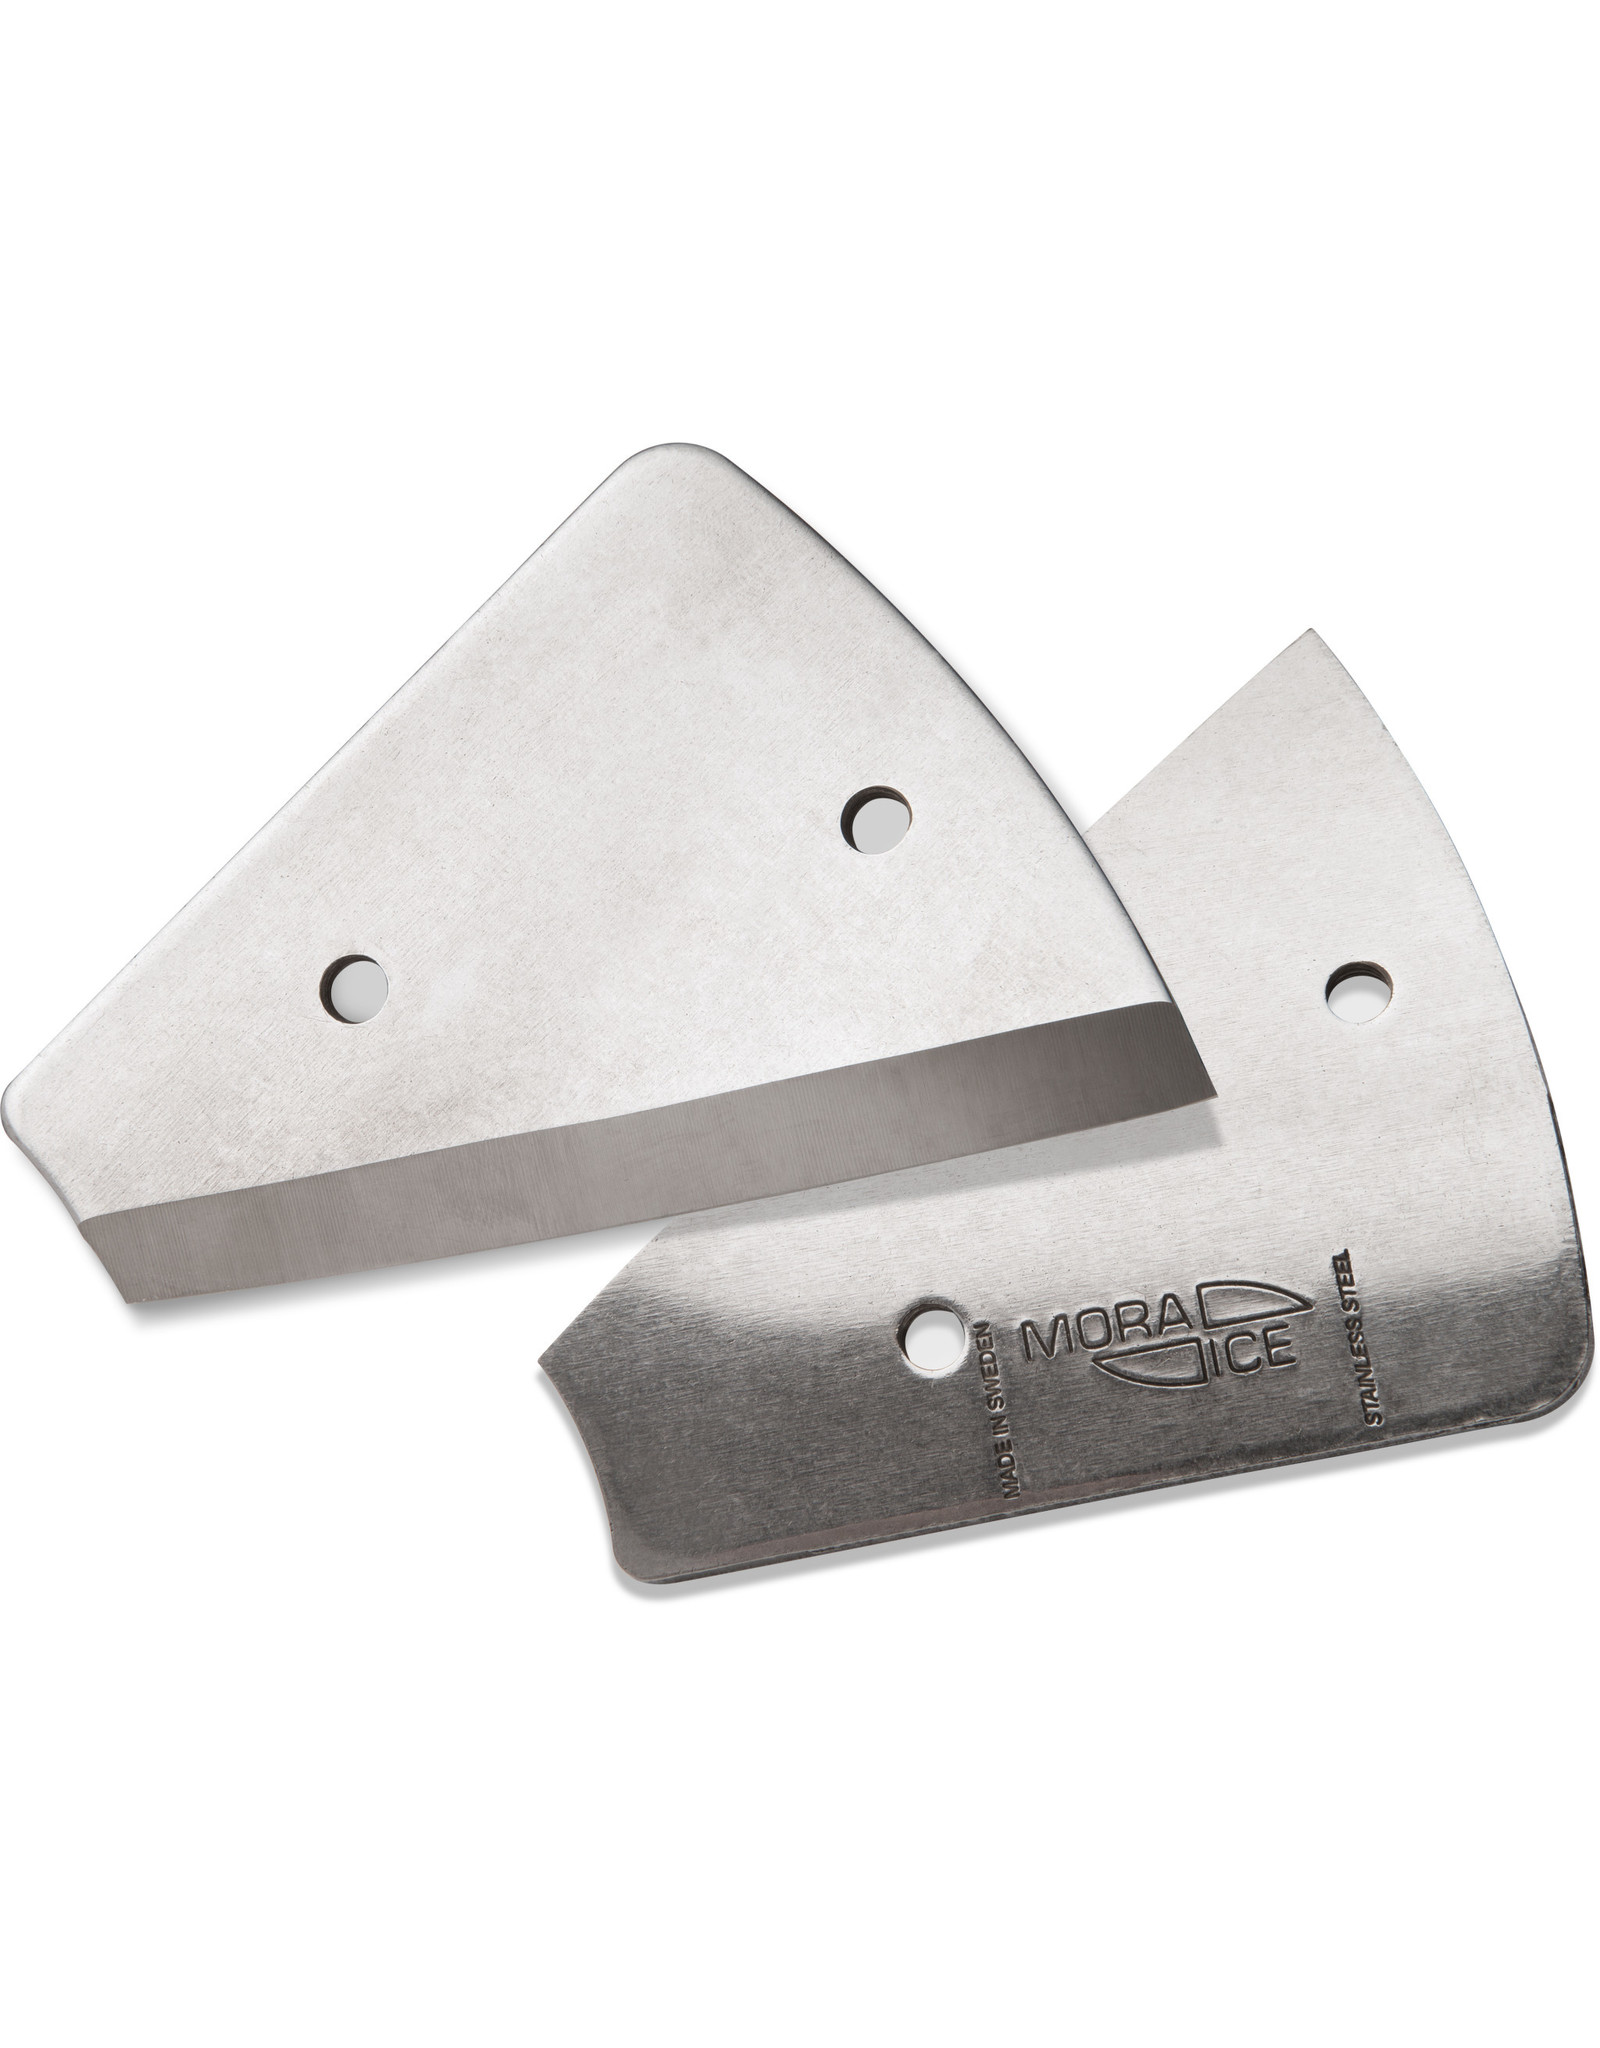 Strikemaster Strikemaster Lazer Hand Auger Replacement Blades